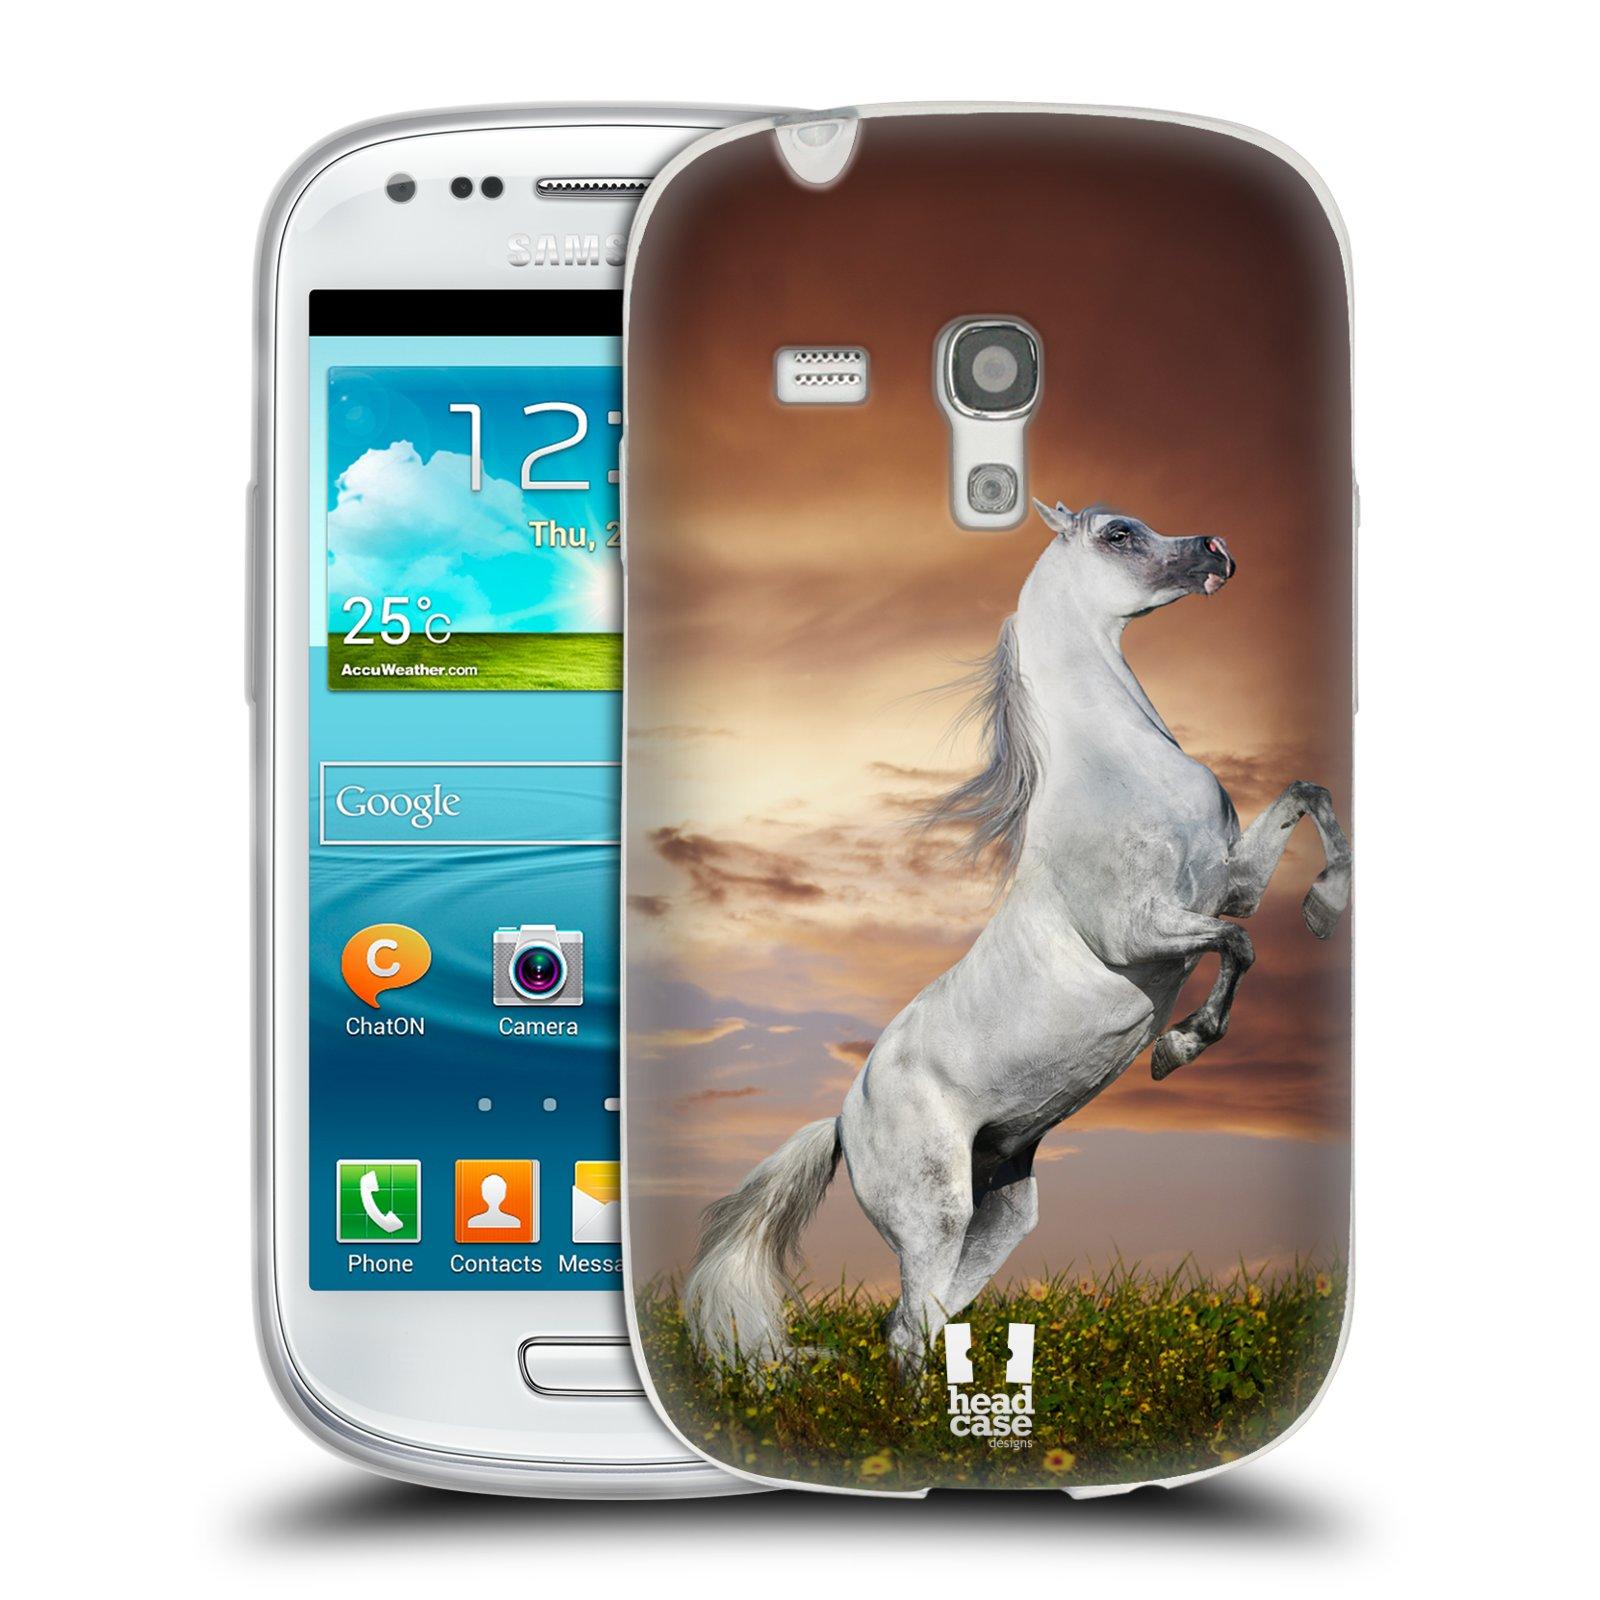 HEAD CASE silikonový obal na mobil Samsung Galaxy S3 MINI i8190 vzor Divočina, Divoký život a zvířata foto DIVOKÝ KŮŇ MUSTANG BÍLÁ